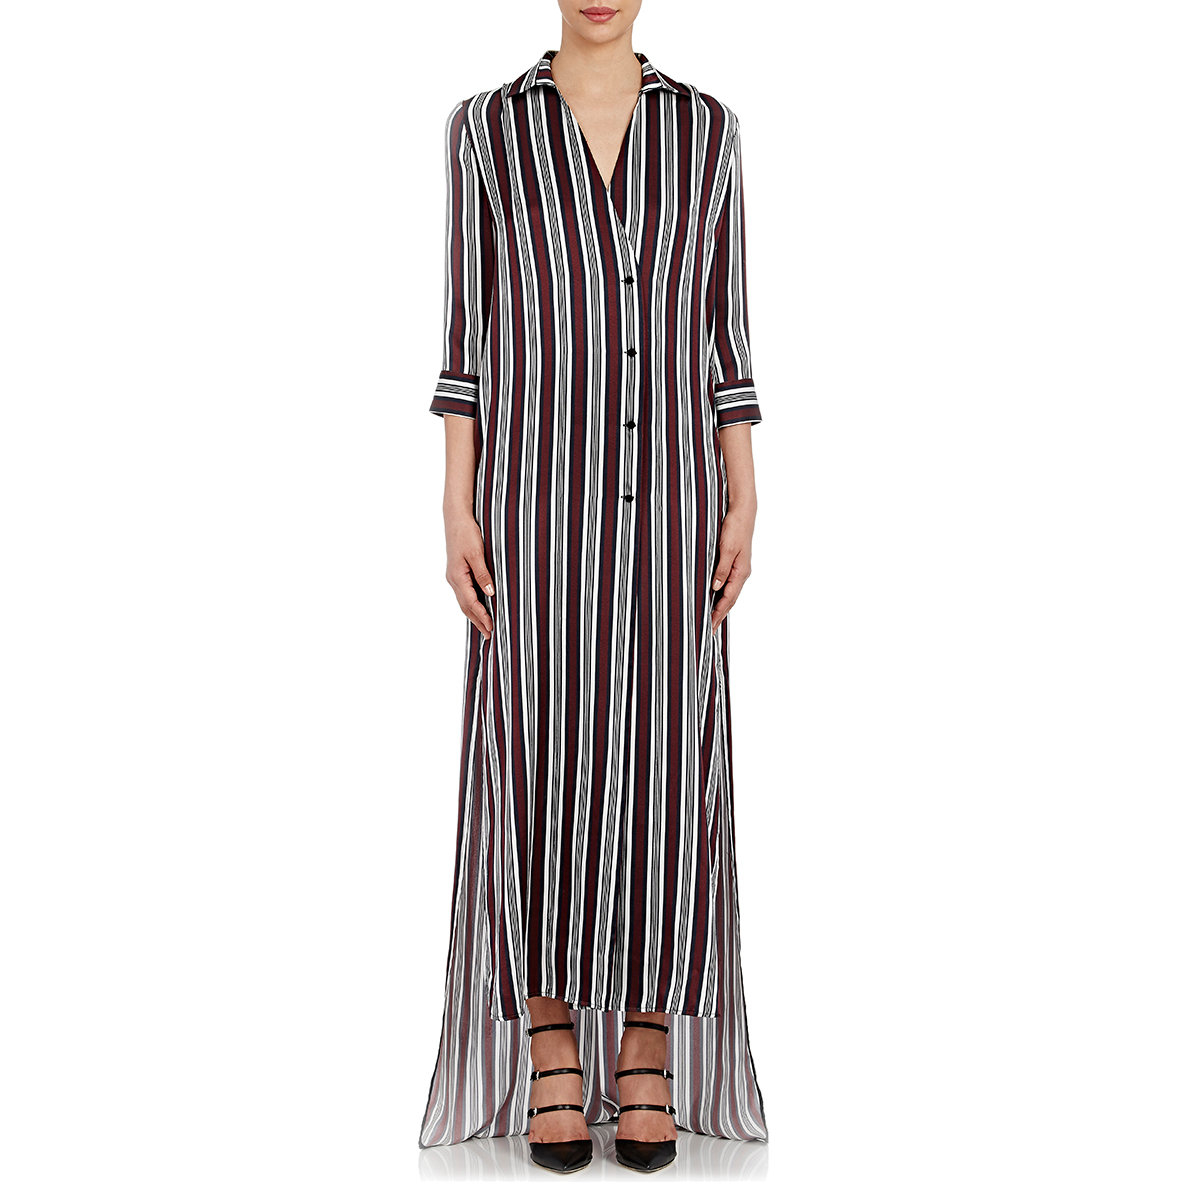 Overture Stripe Shirtdress Hellessy iJC30yebPb